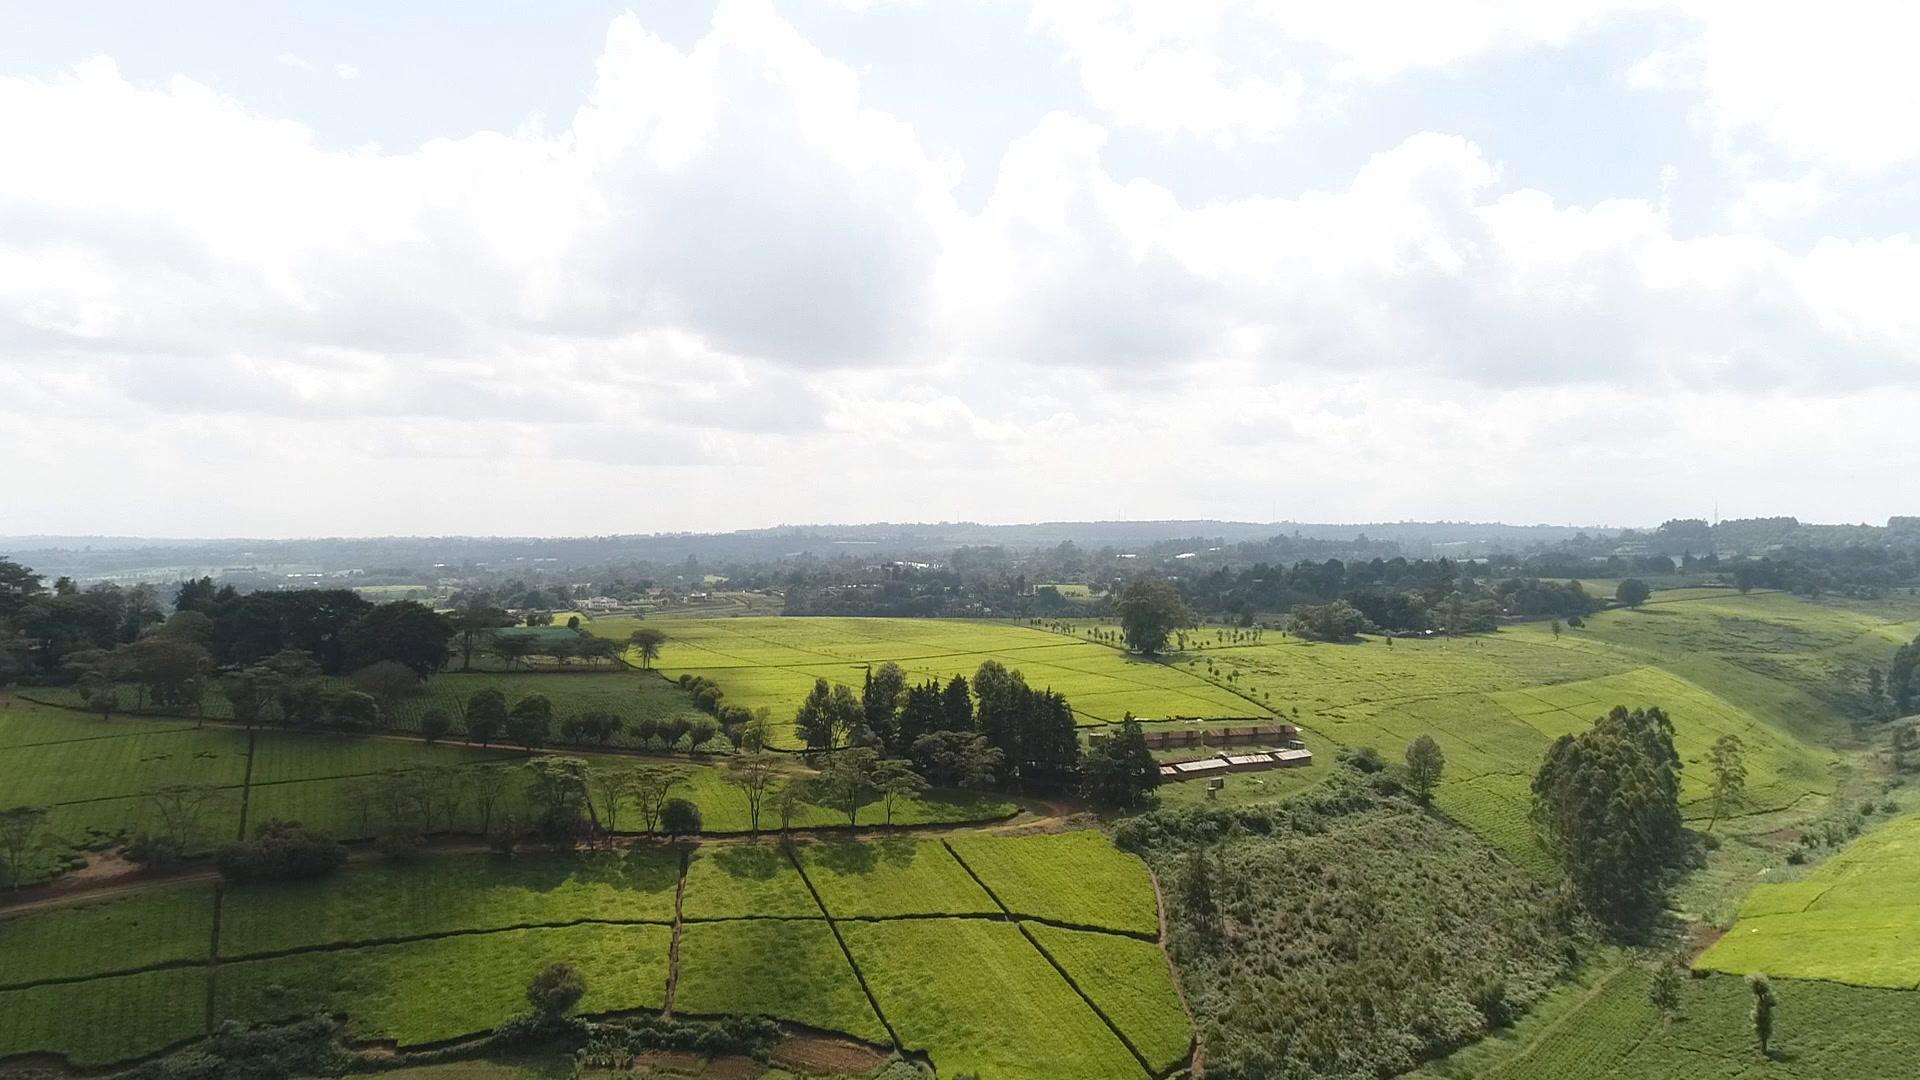 Shali + Karuga | Limuru Town., Kenya | Fuschia Gardens, Eldo Farm